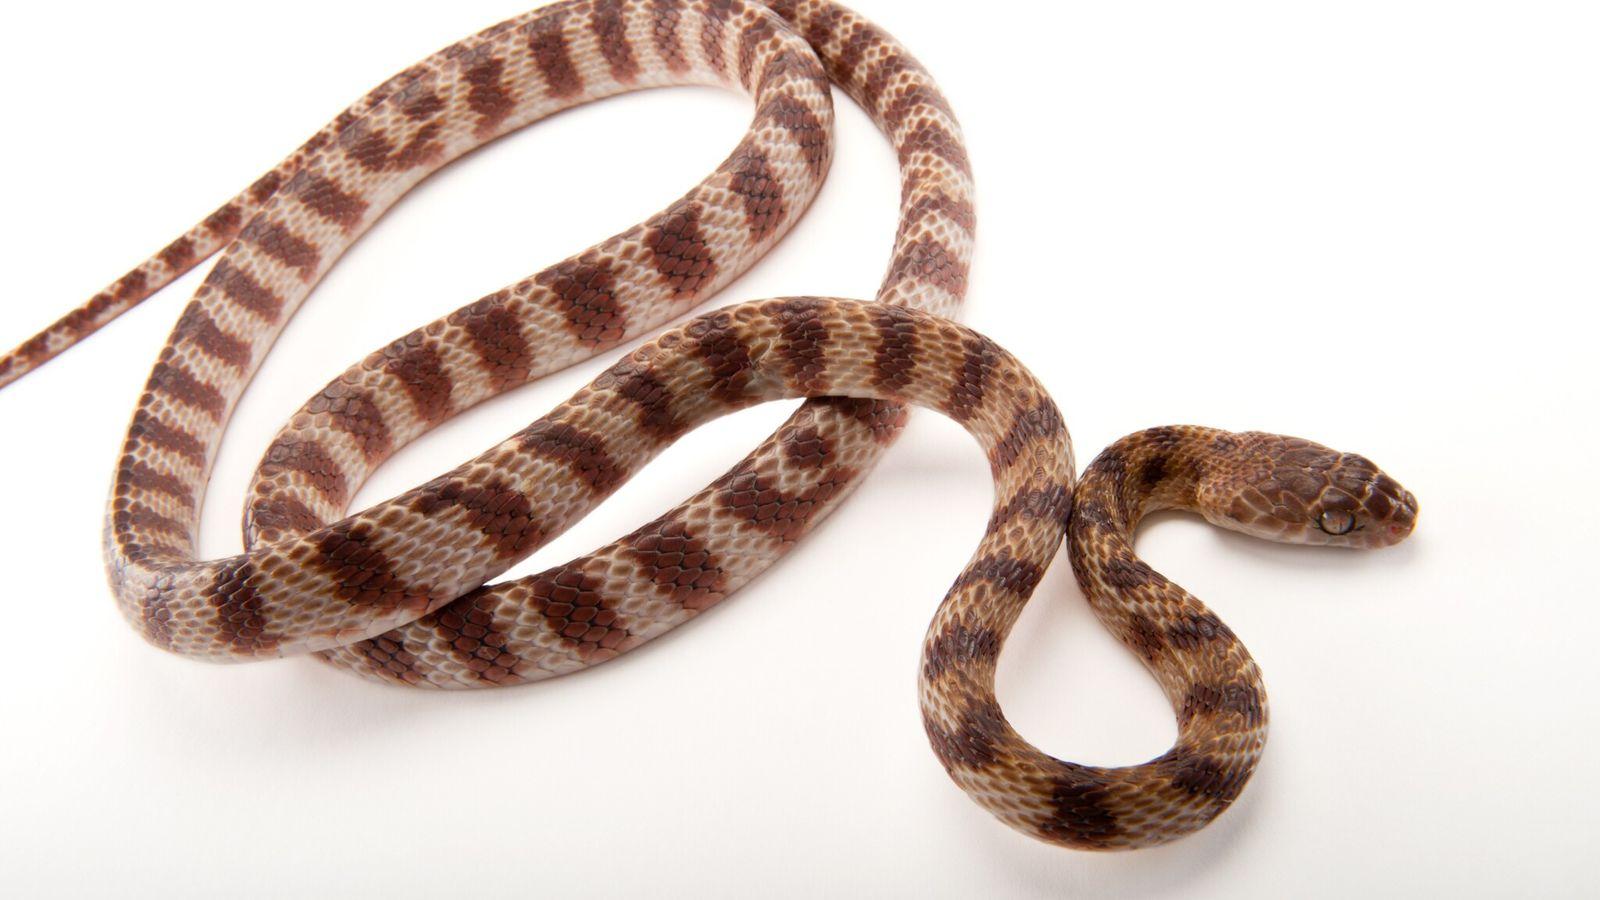 Una serpiente arbórea café (imagen del Henry Doorly Zoo en Omaha) puede medir hasta 3 metros ...